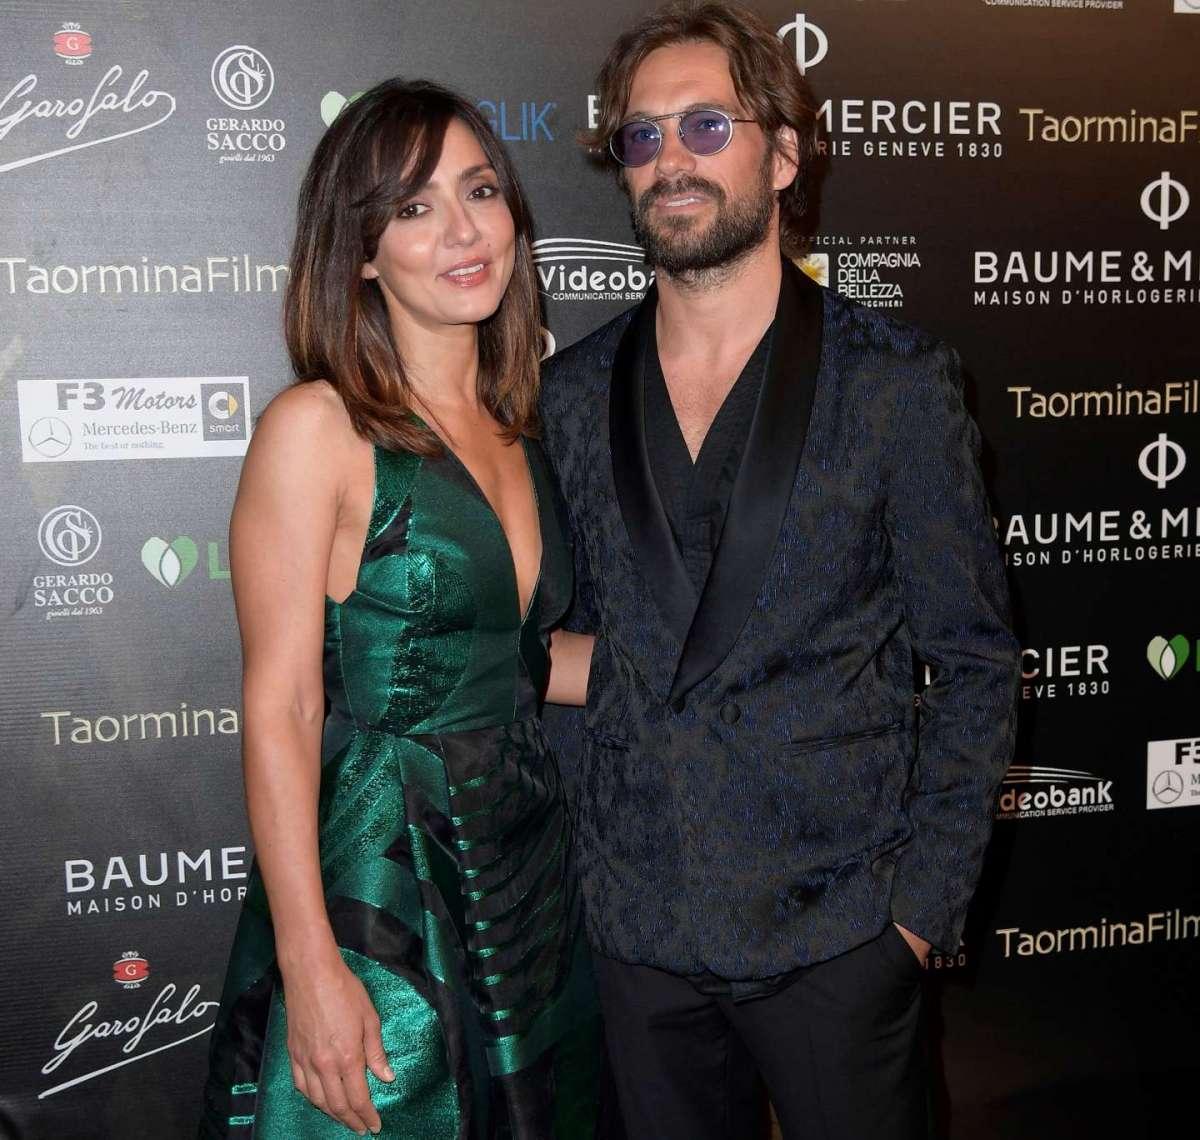 Ambra Angiolini e Lorenzo Quaglia sul red carpet